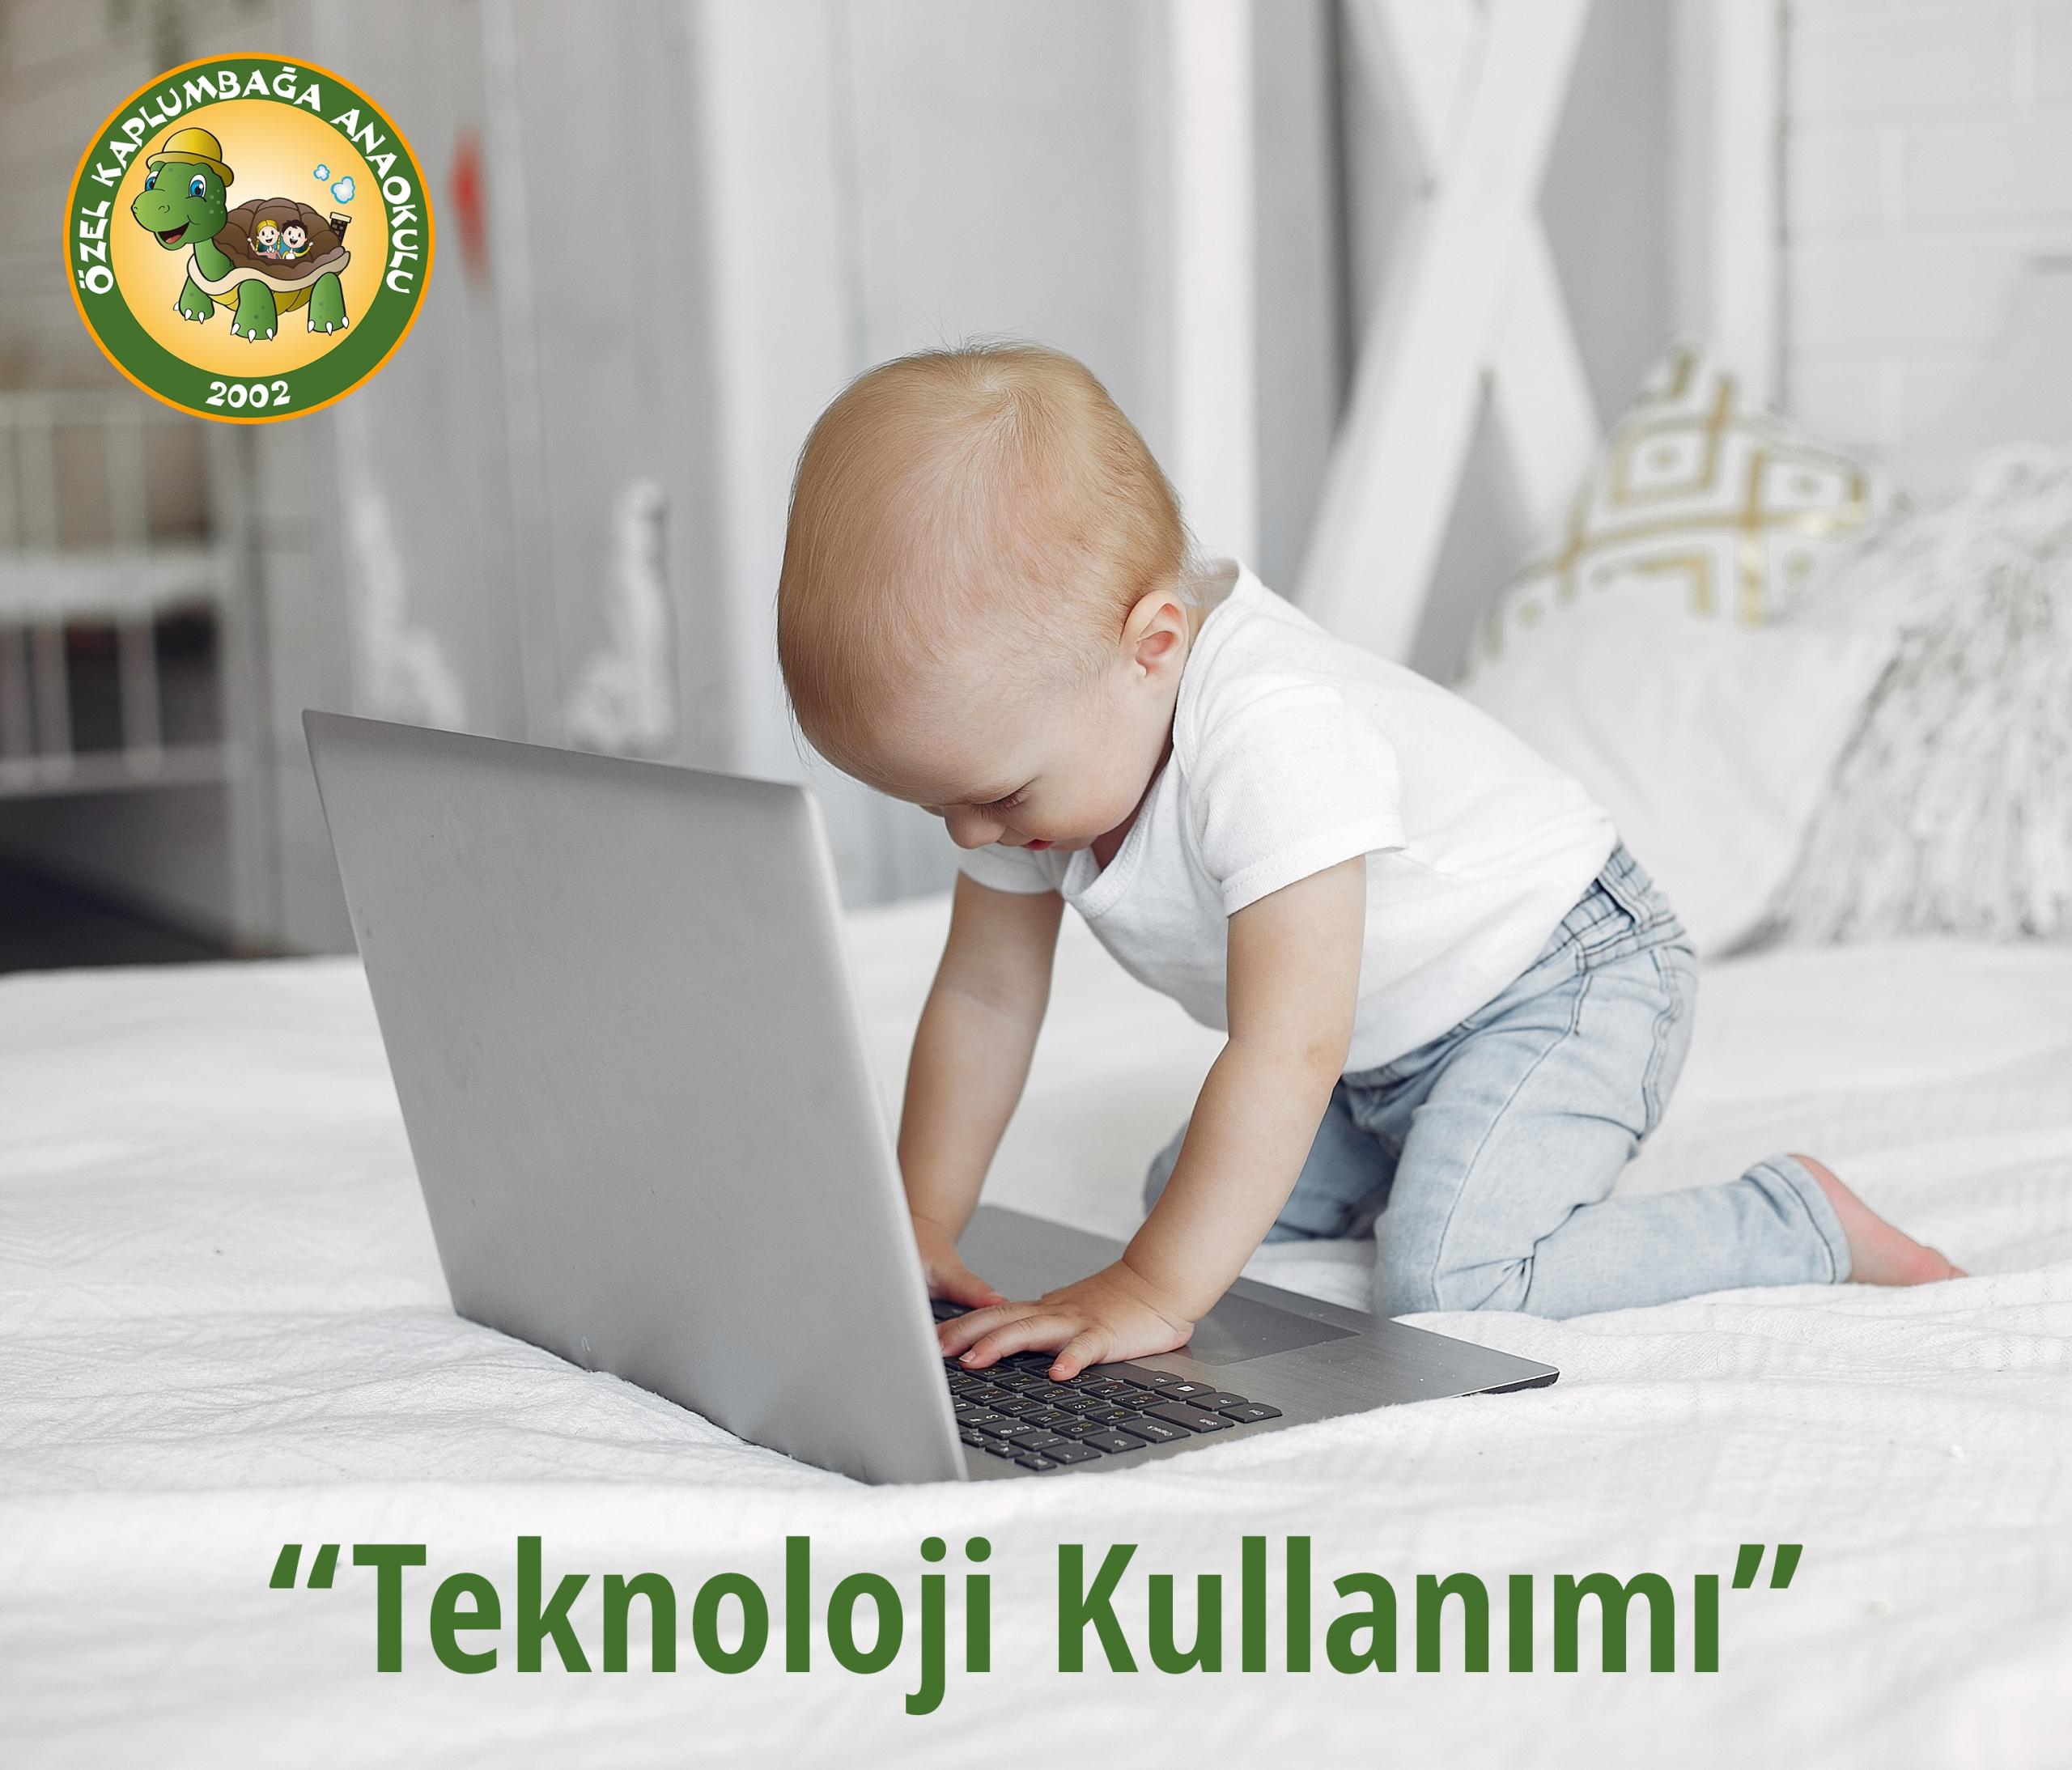 Teknoloji Kullanımının Çocuklara Etkileri